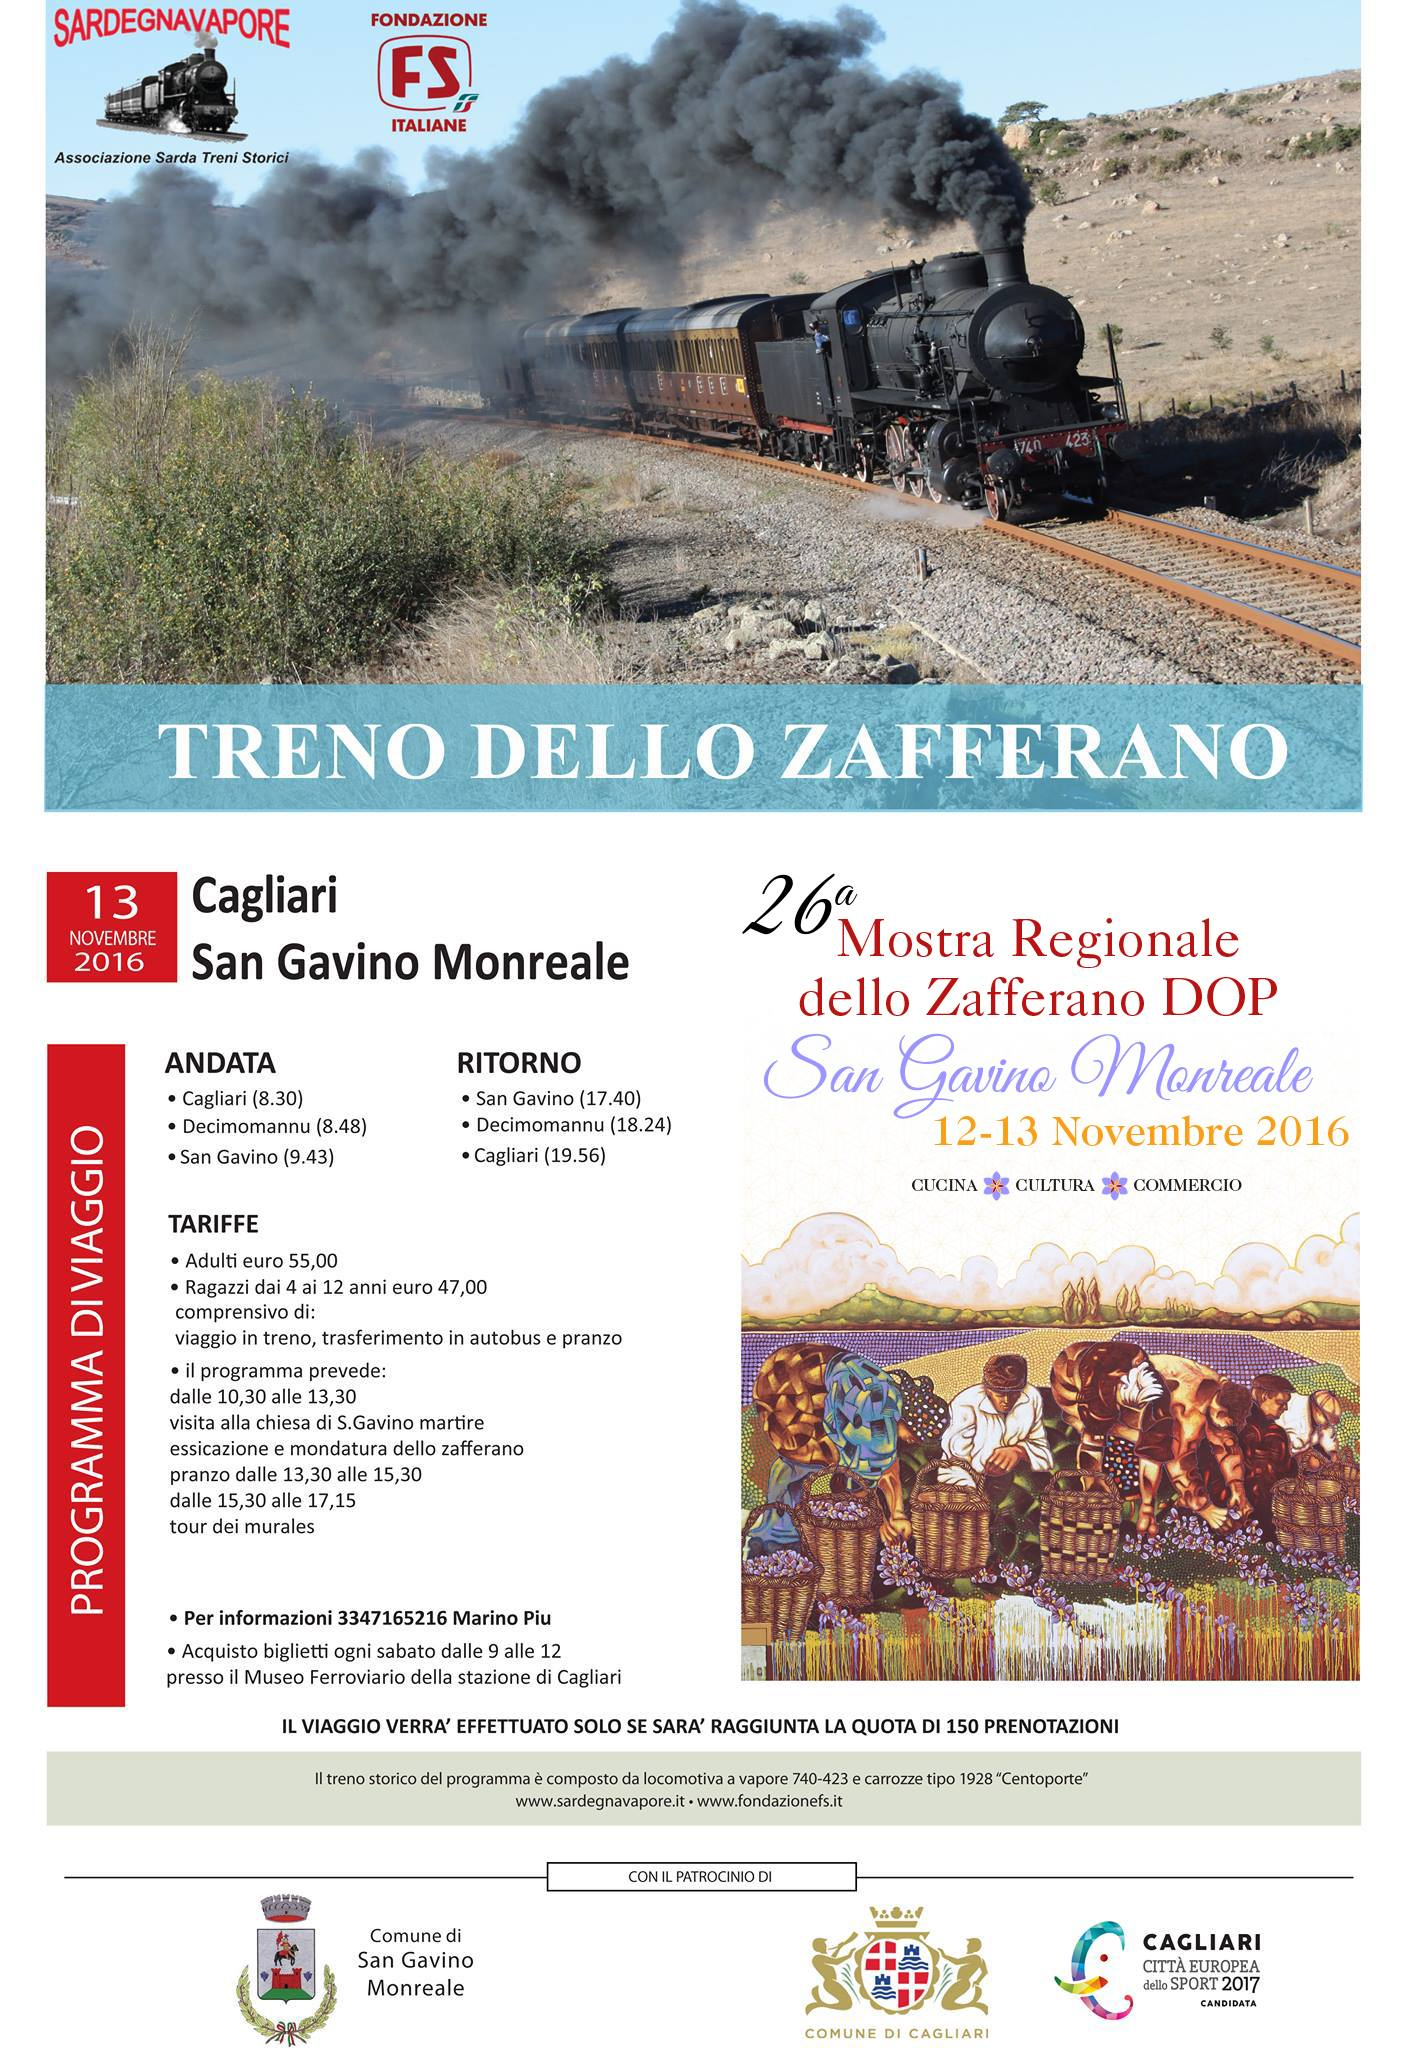 Il Treno dello Zafferano 2016